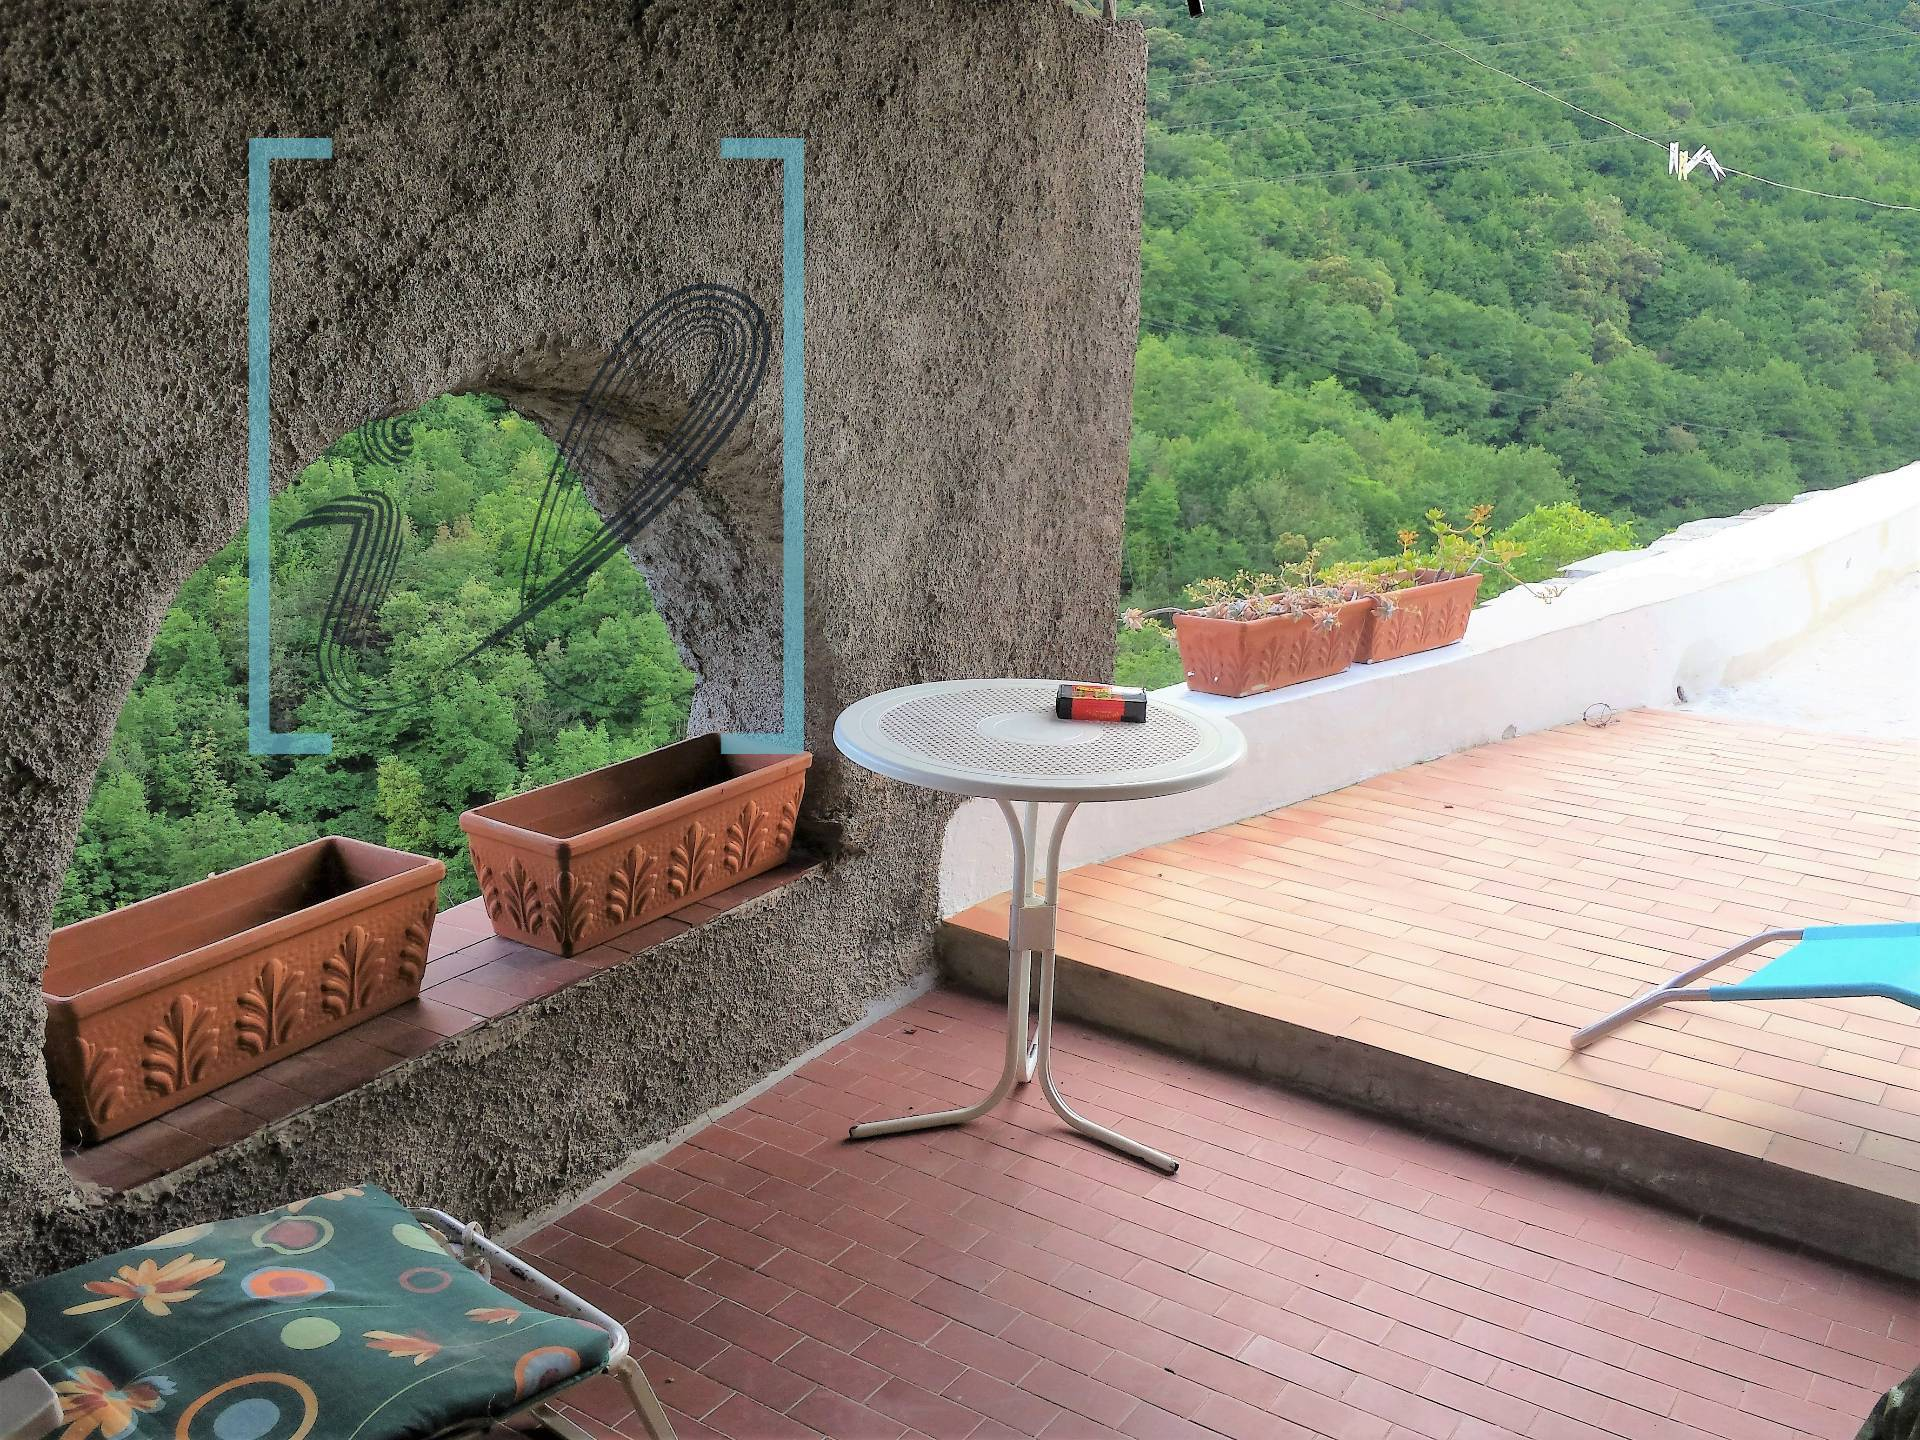 Rustico / Casale in vendita a Erli, 9 locali, zona Zona: Panizzara, prezzo € 95.000 | CambioCasa.it